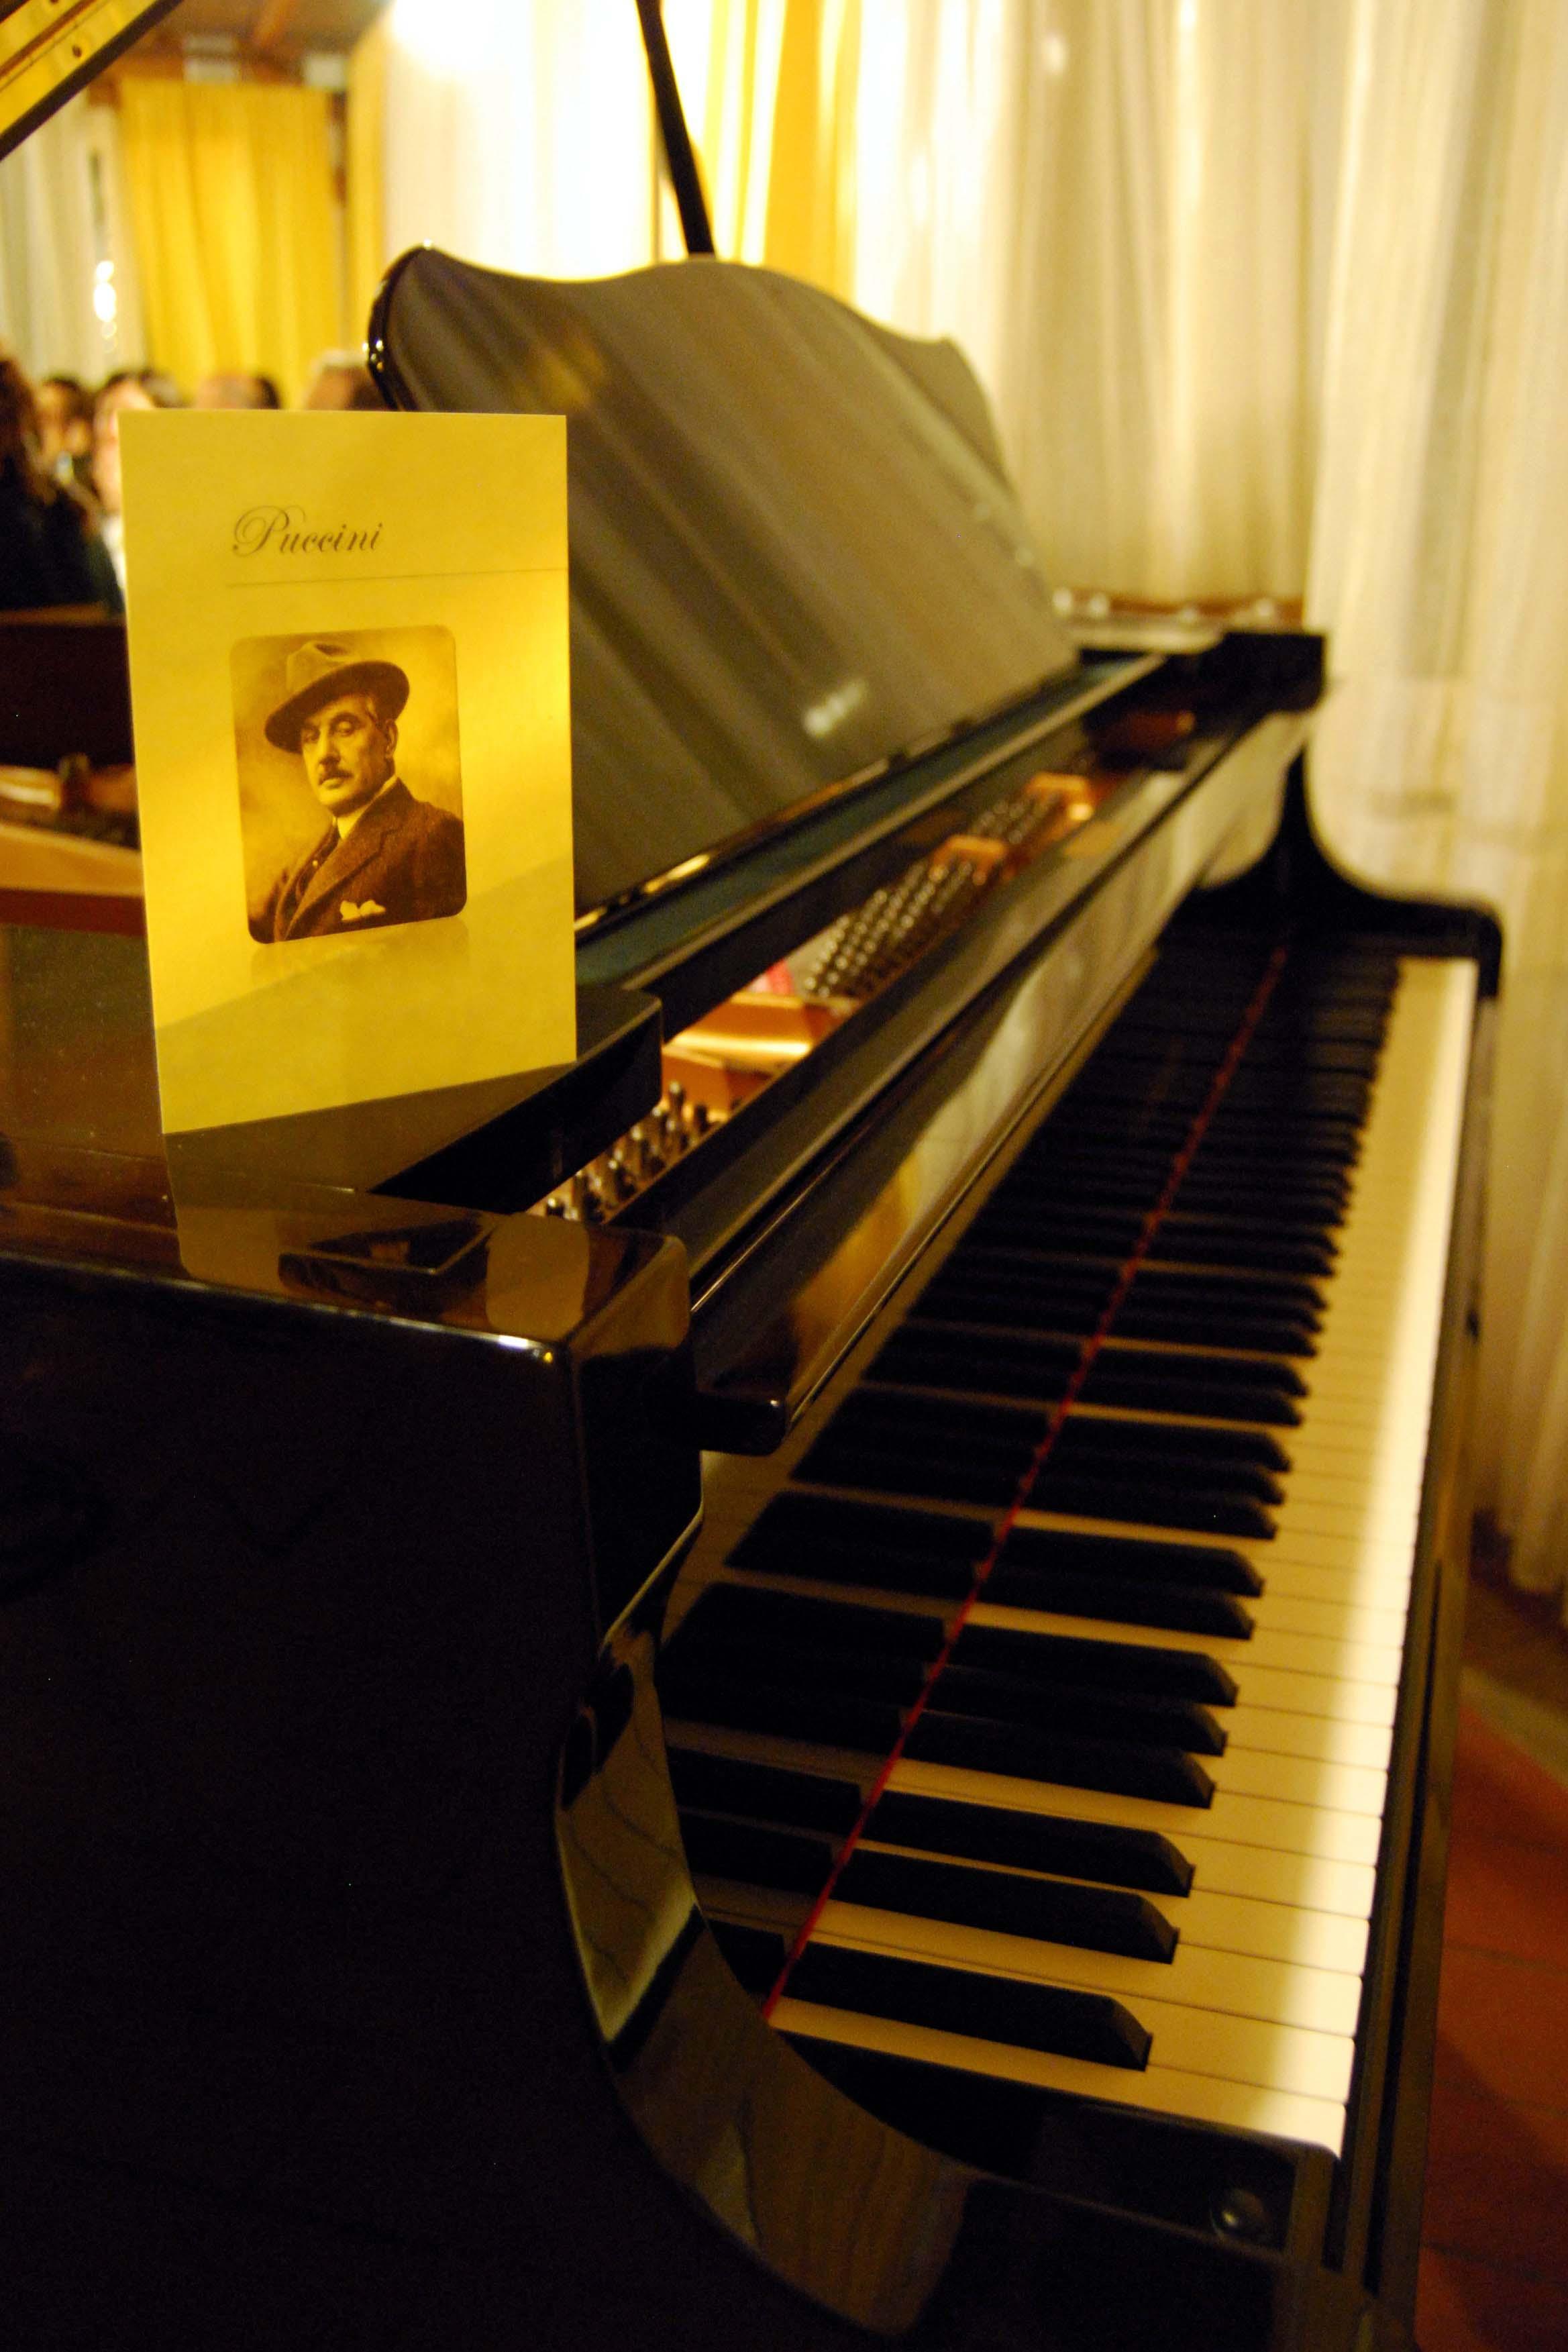 Concerto Lirico al Savoia Cavalleria, domenica 11 novembre ore 17:30 – Musica e solidarietà pro AISM